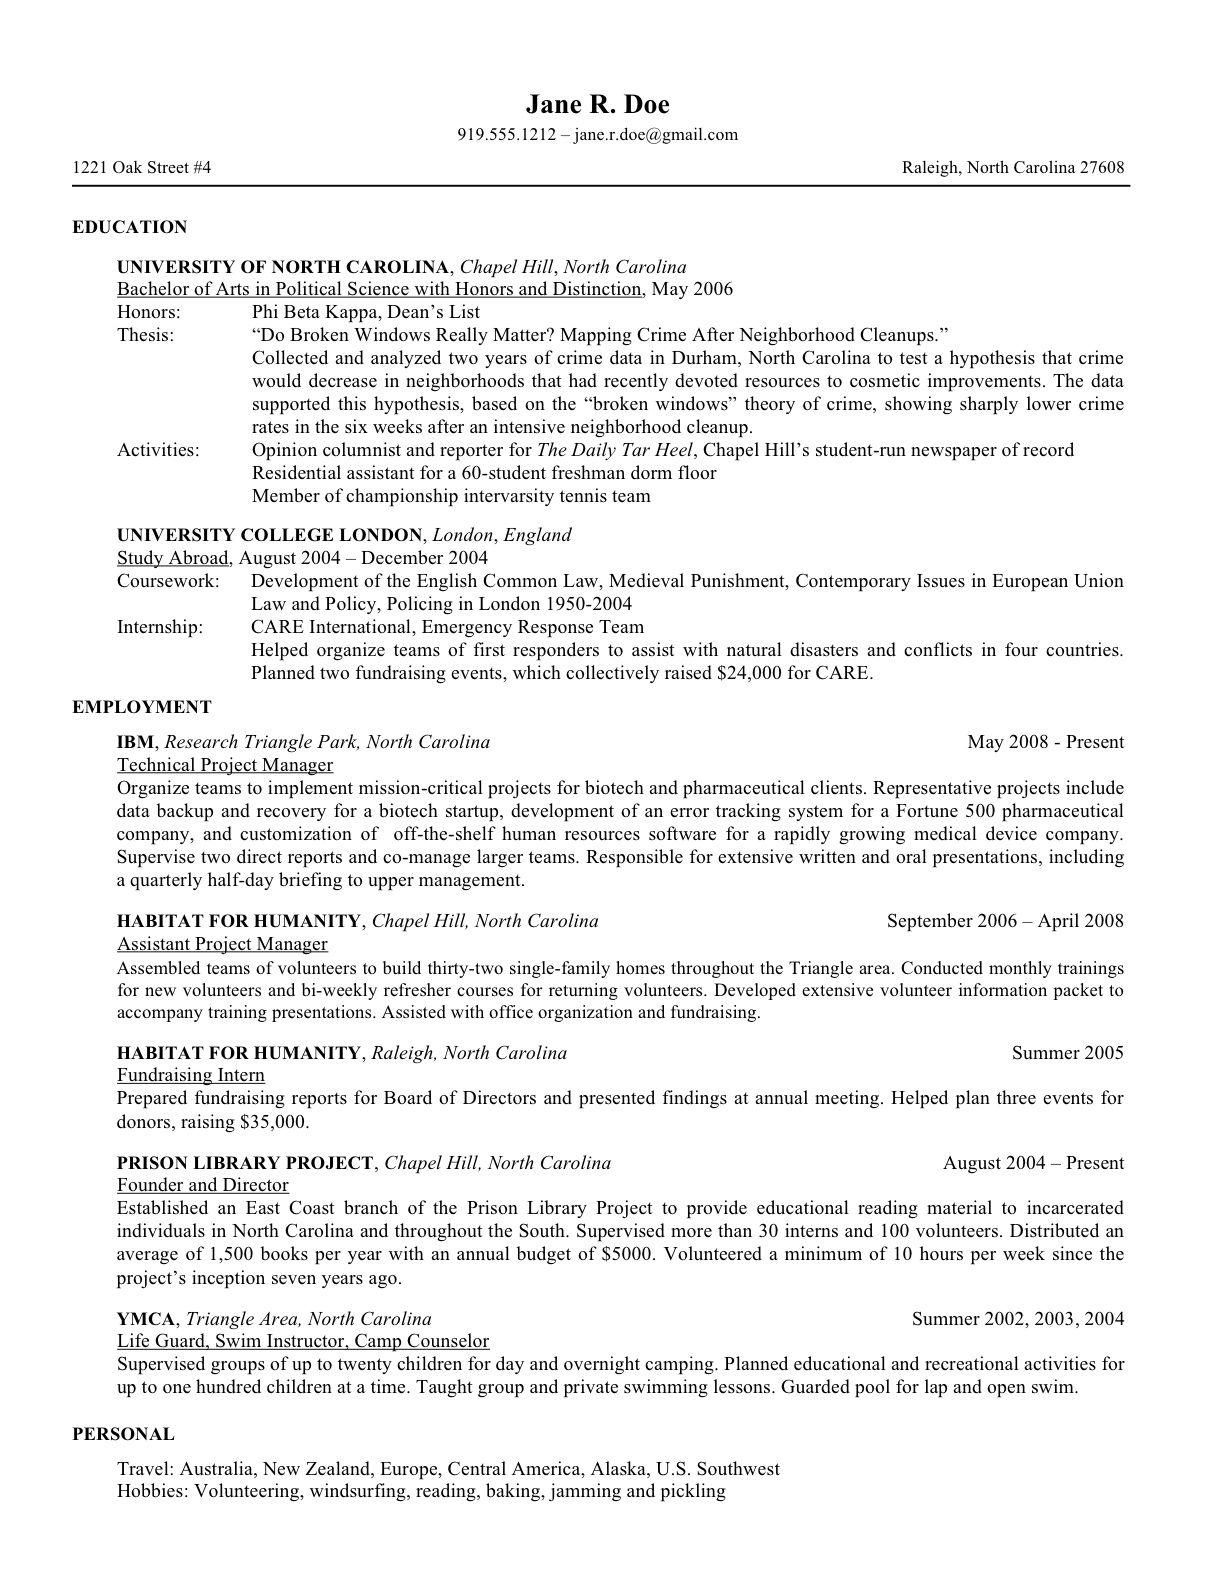 Job application letter sample bi